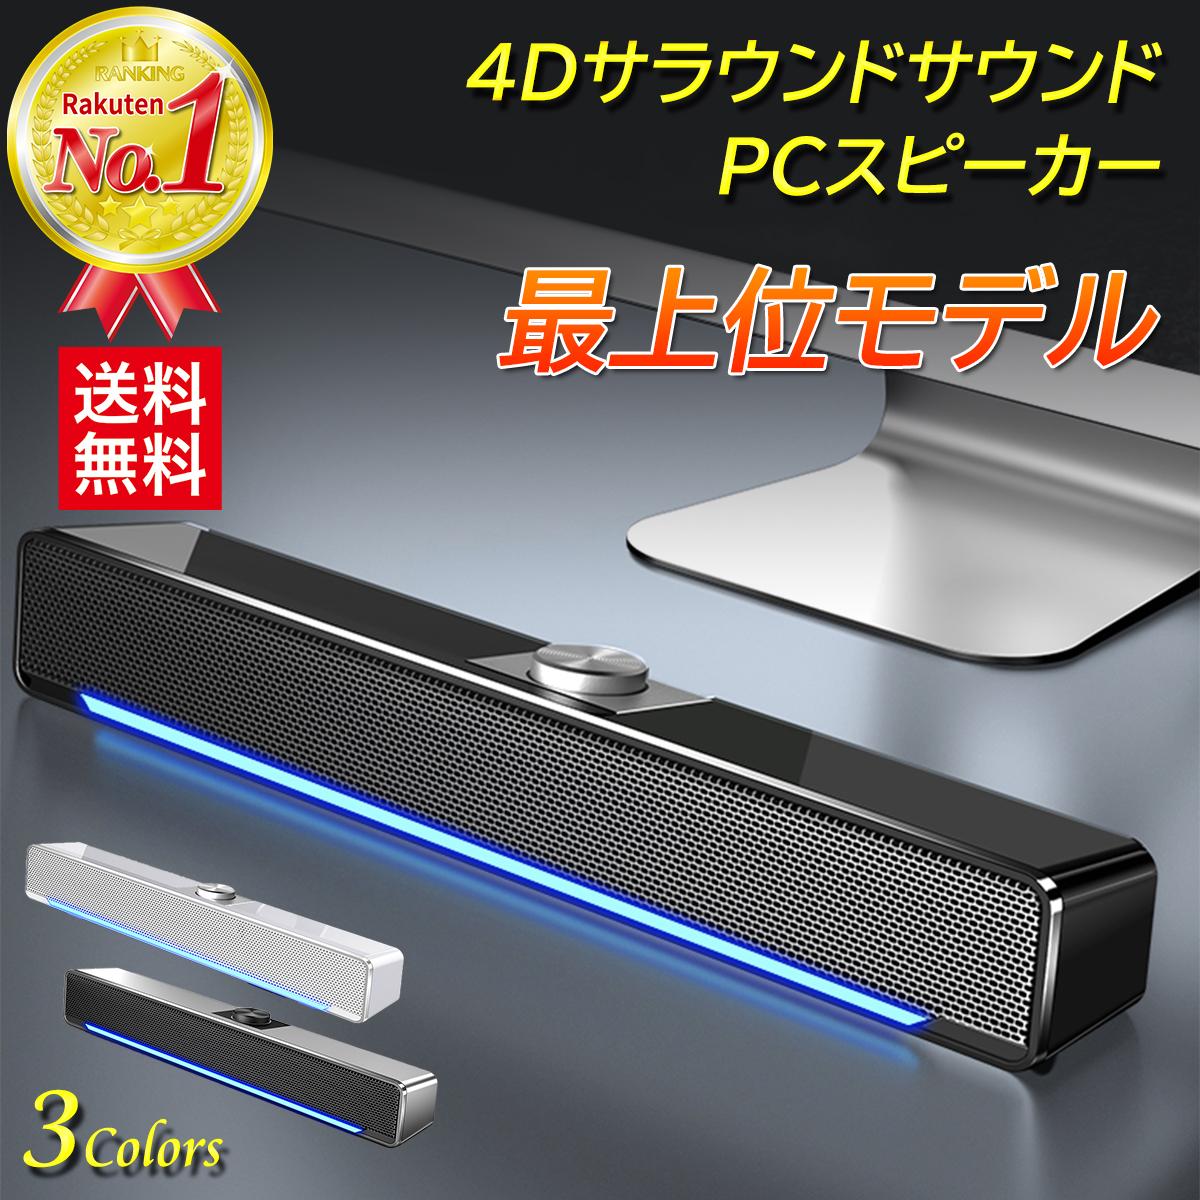 PCスピーカー 最上位機種 新着 高音質 新入荷 流行 USB2つのスピーカーと2つのダイヤフラムが大音量4Dサラウンドサウンドを実現 ランキング1位 スピーカー pc パソコン USB パソコン用スピーカー speaker 送料無料 pcスピーカー 4Dサラウンドサウンド サウンドバー テレビ